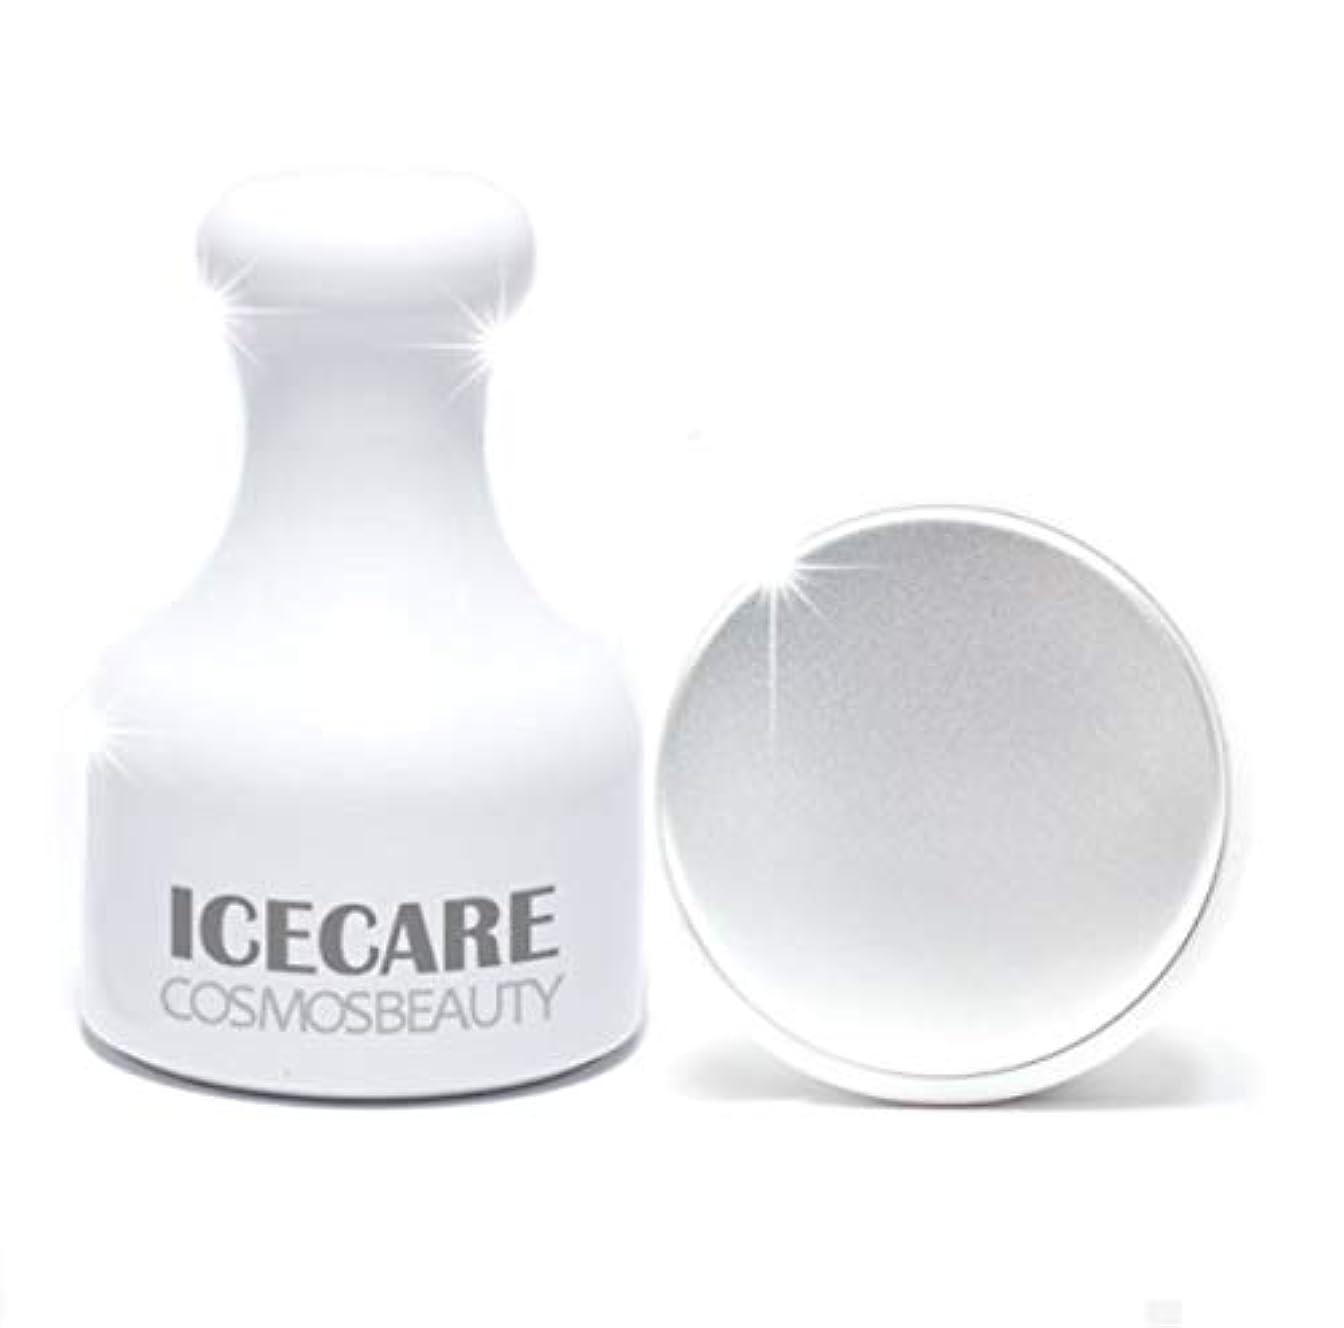 寛大ないつか測定可能Cosmosbeauty Ice Care 毛穴ケア、冷マッサージ,フェイスクーラーアイスローラーフェイスローラー顔マッサージ機構の腫れ抜き方法毛穴縮小(海外直送品)